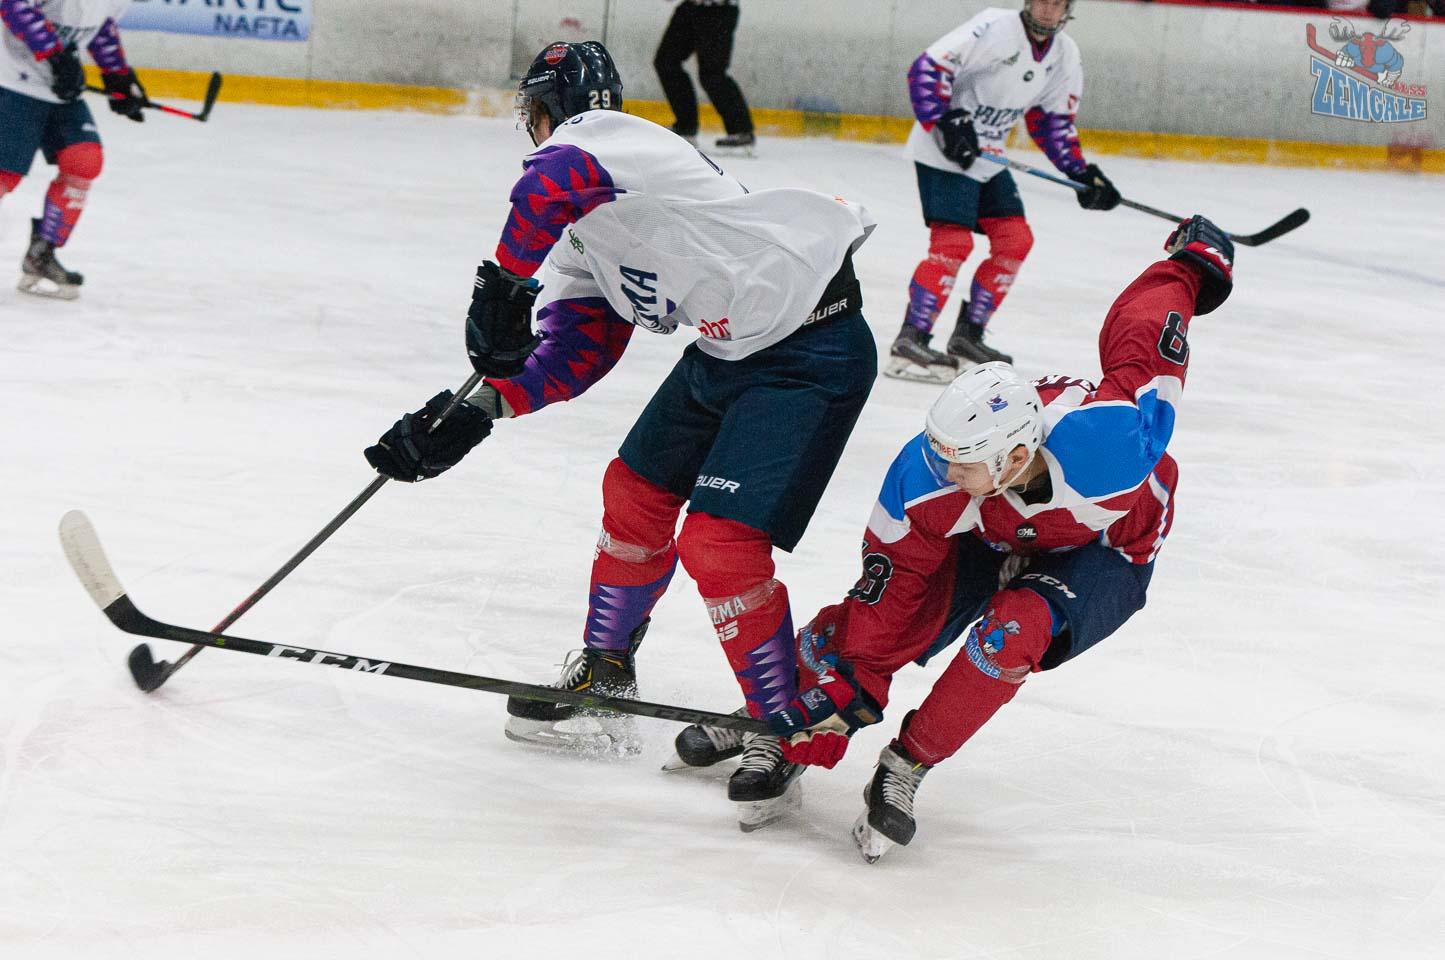 Hokejisti ar nūjām cīnās par ripu